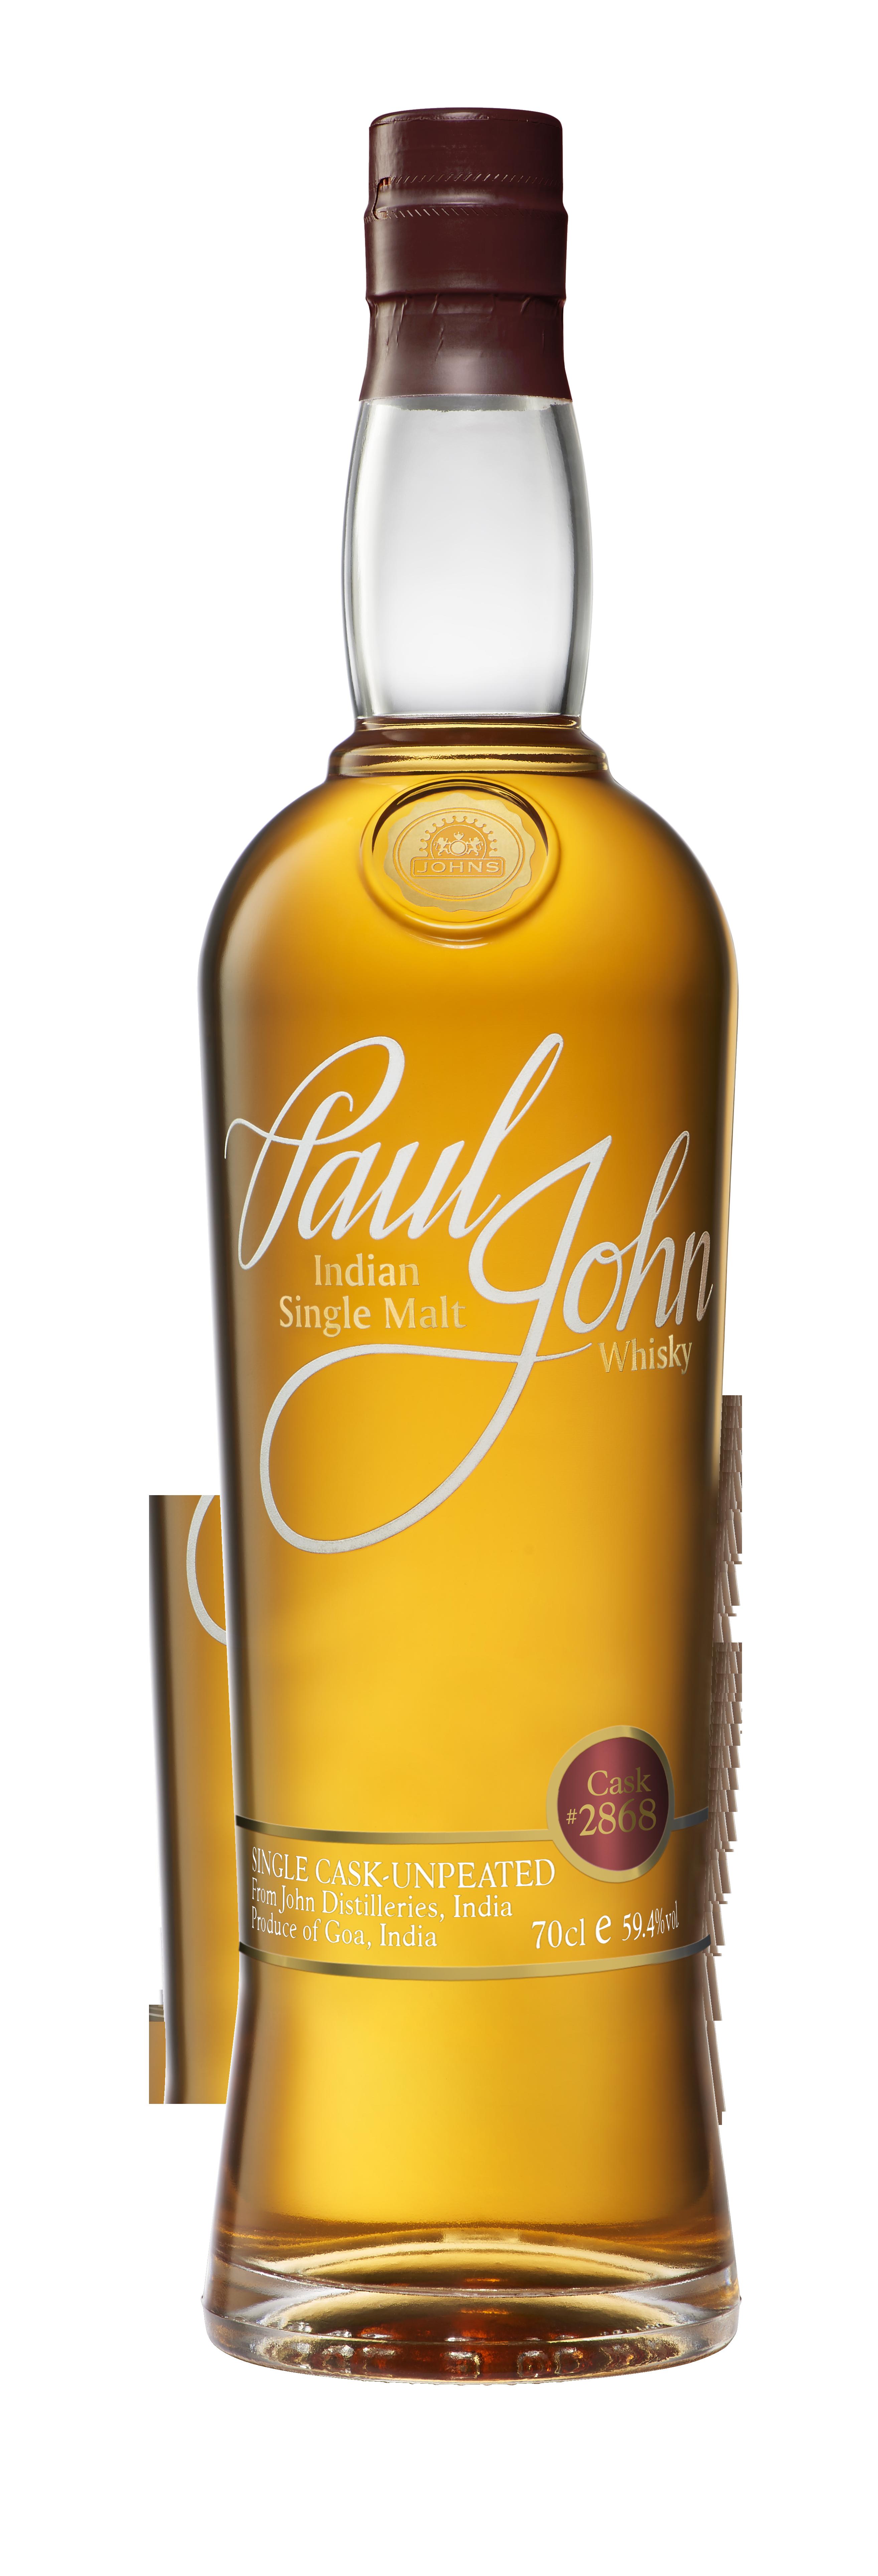 Paul John Single Cask bottle 02